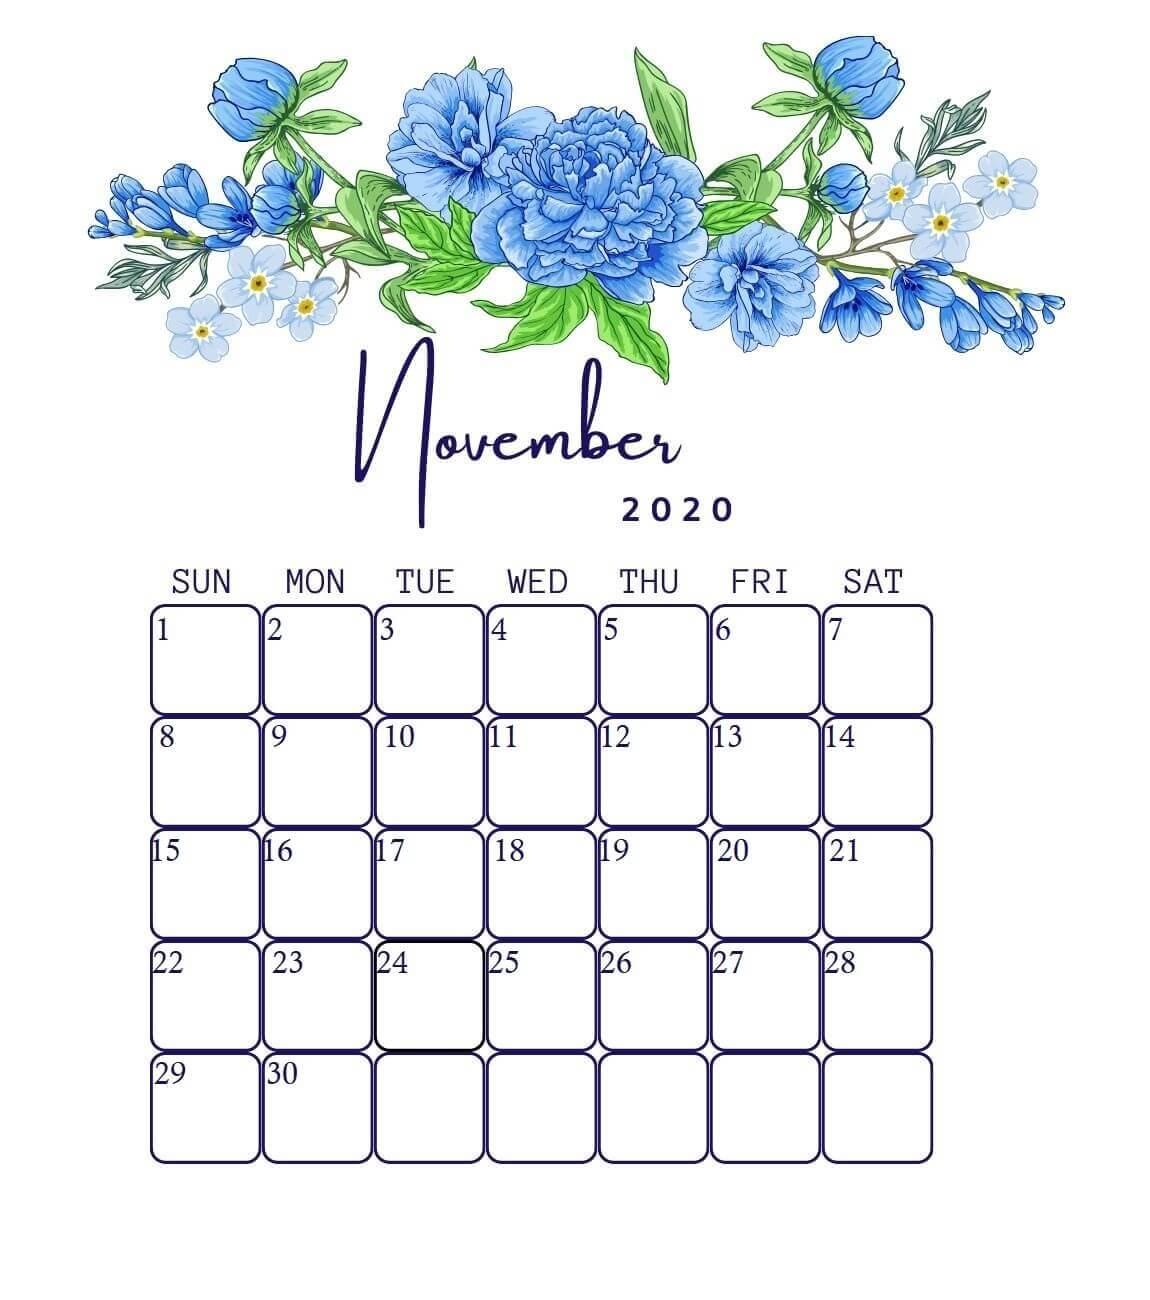 Floral November 2020 Desk Calendar